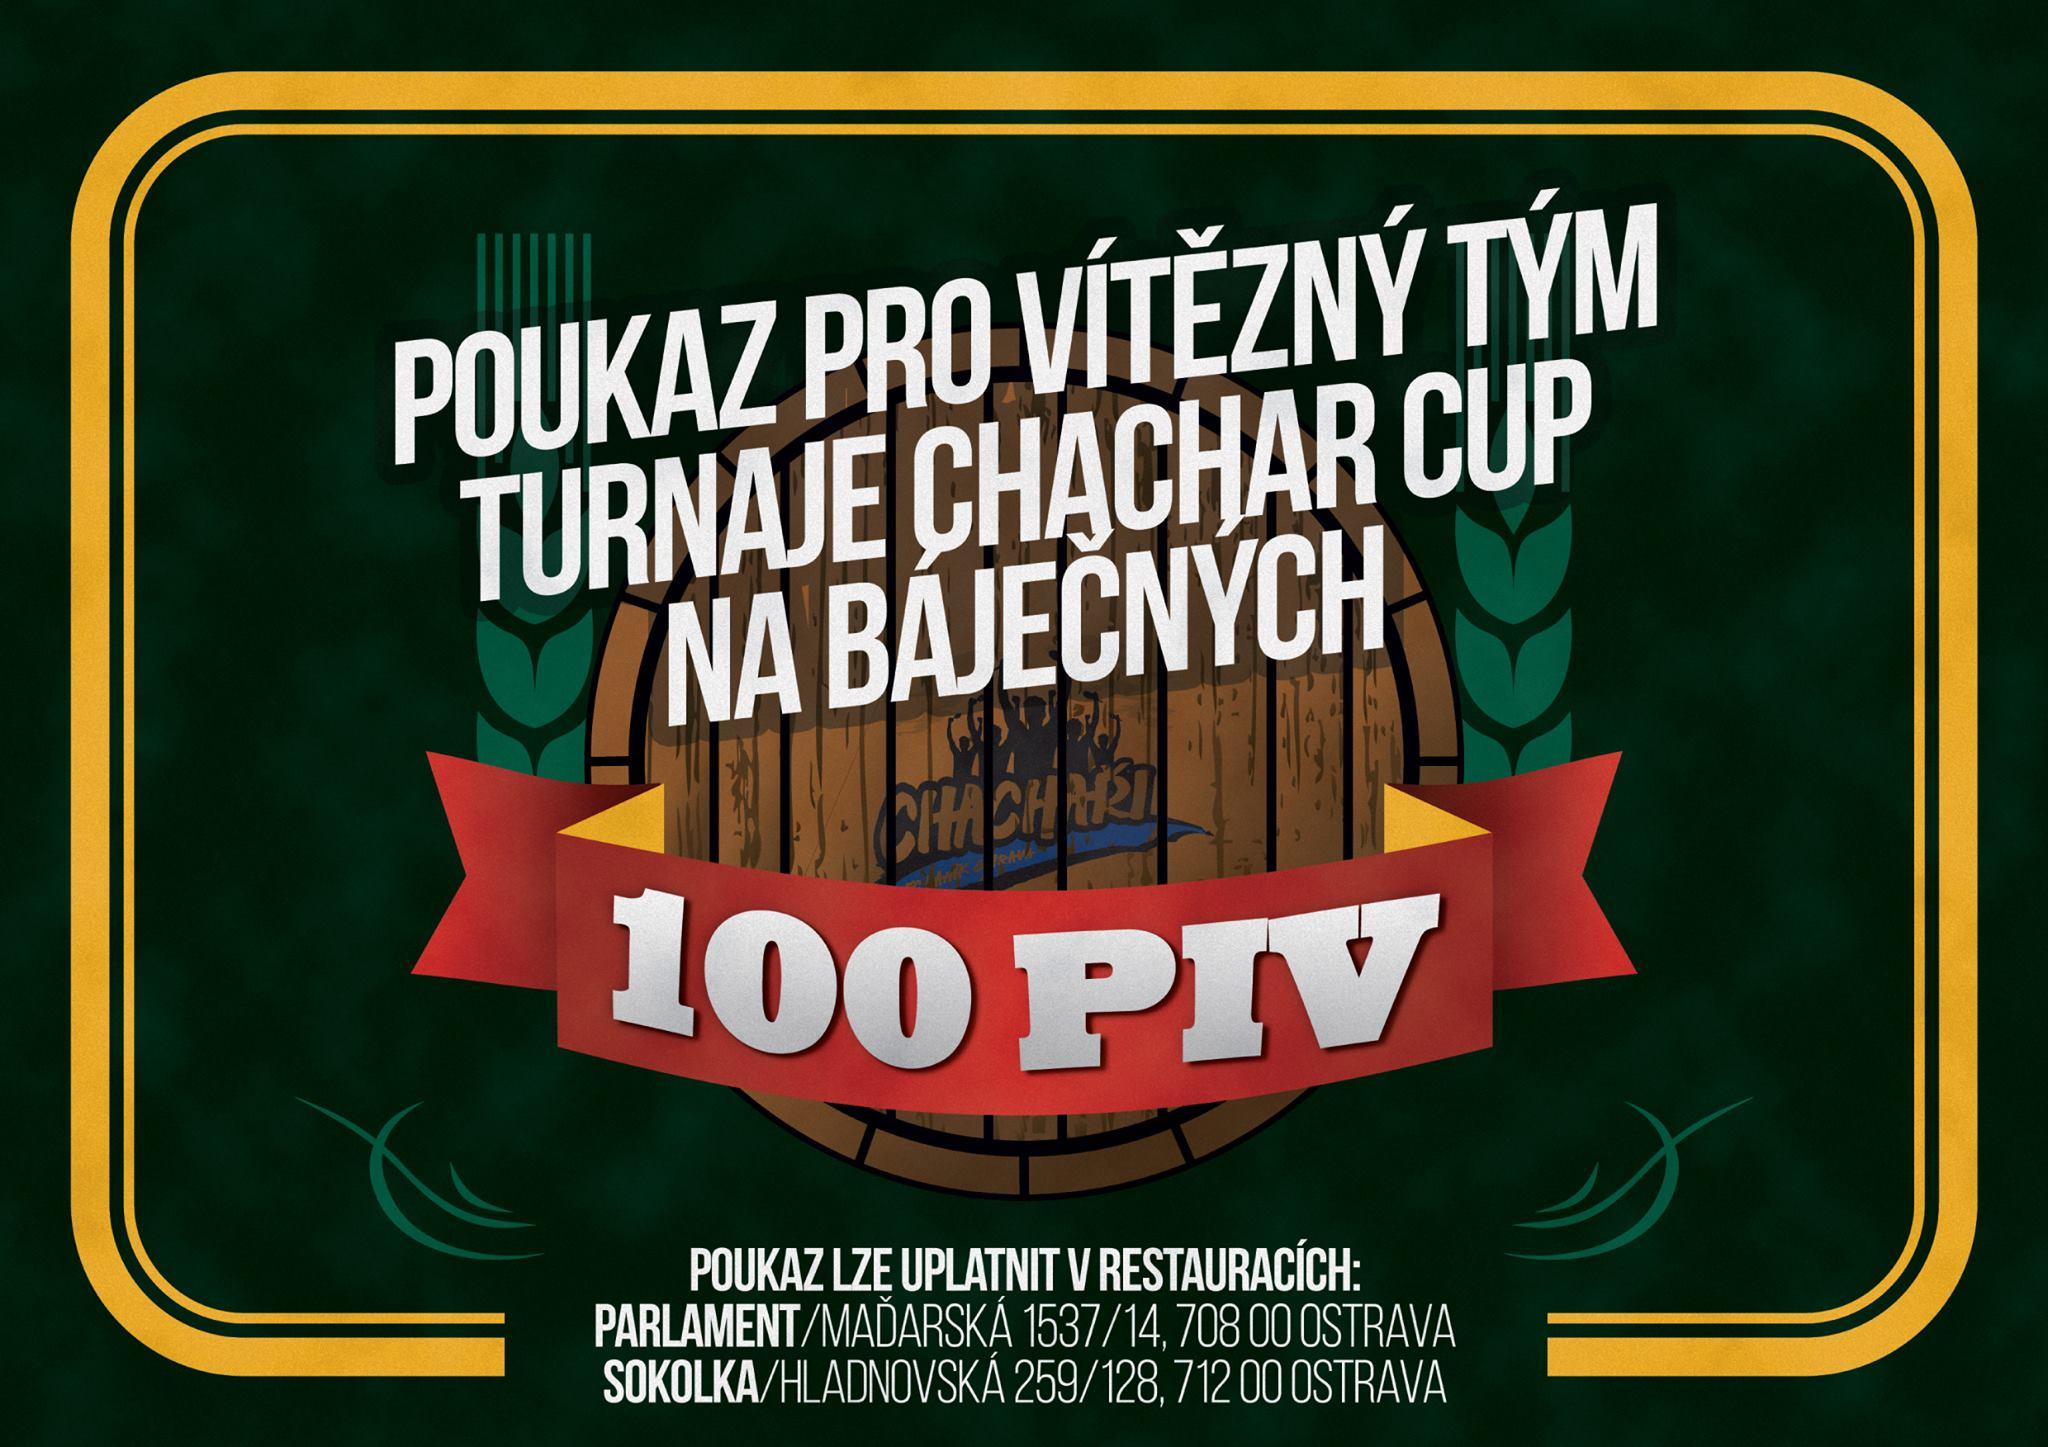 ch_cup_2014_poukaz.jpg (289 KB)